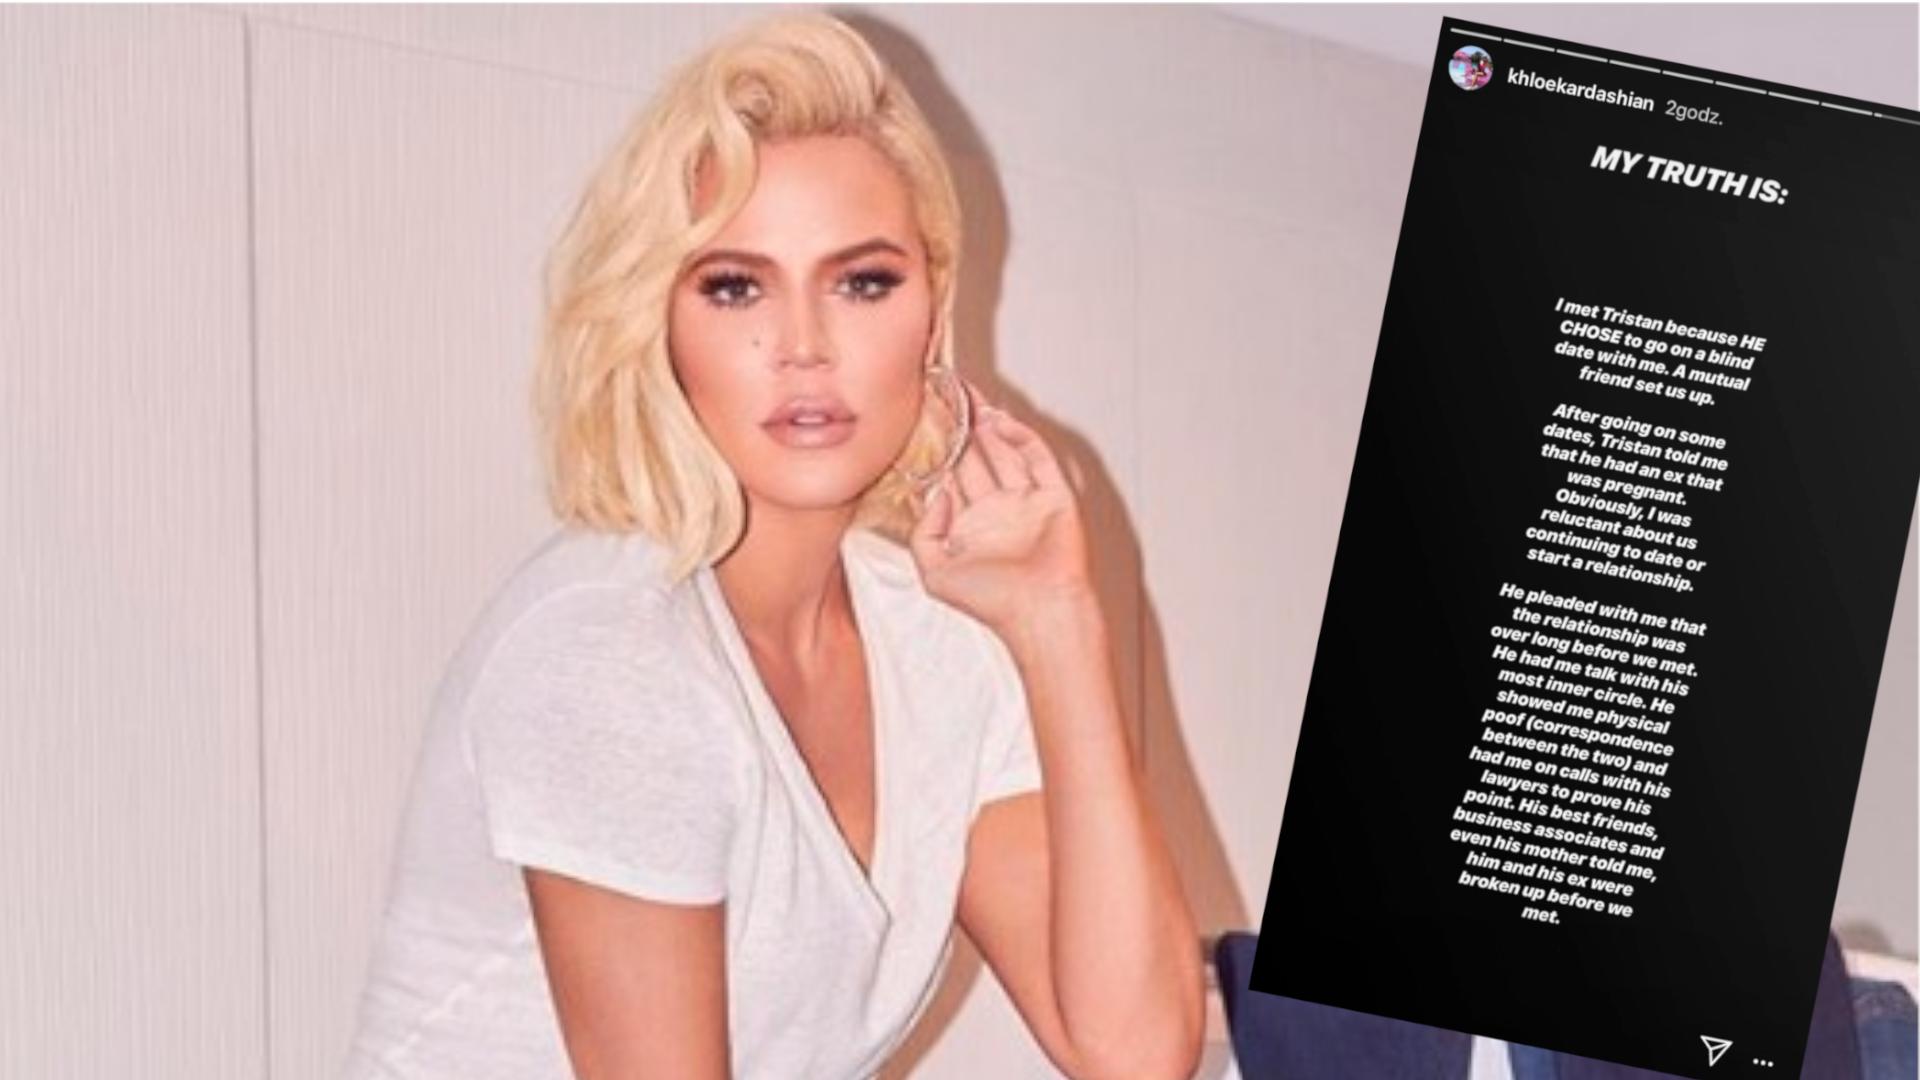 Khloe Kardashian zniszczyła związek Tristana Thompsona? – ODPOWIEDZIAŁA na zarzuty: Moja prawda jest taka…